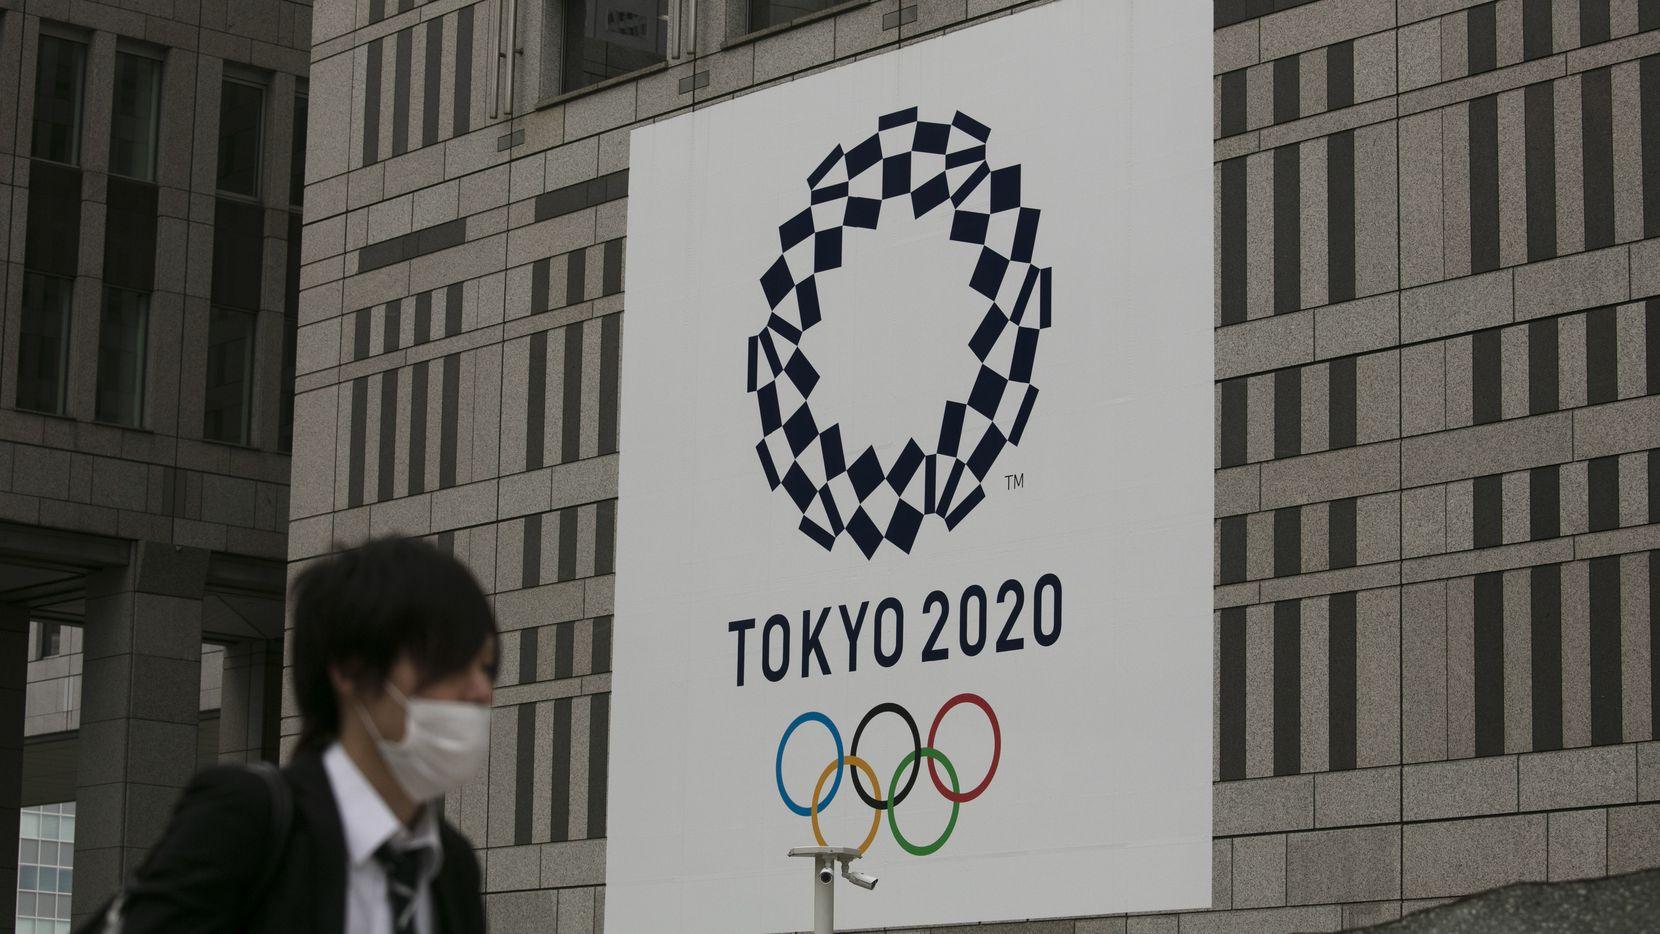 Suspenden Juegos Olímpicos de Tokio 2020 por el coronavirus